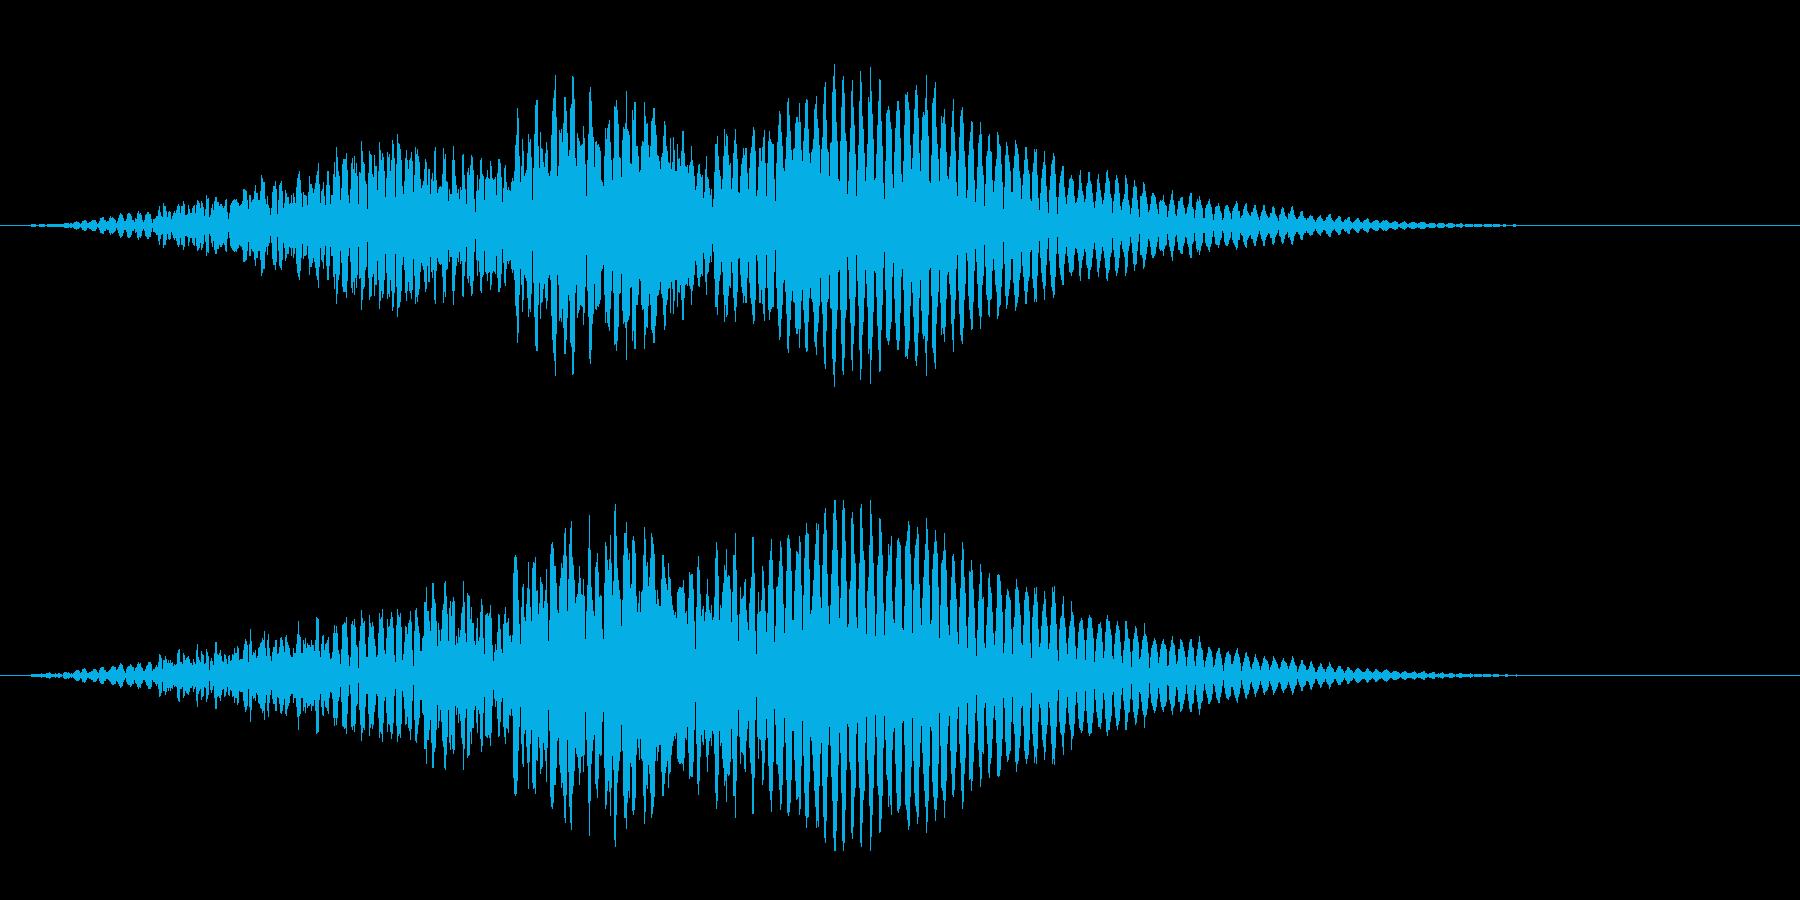 機械的な「ふぉん」【浮く、スタート音】の再生済みの波形